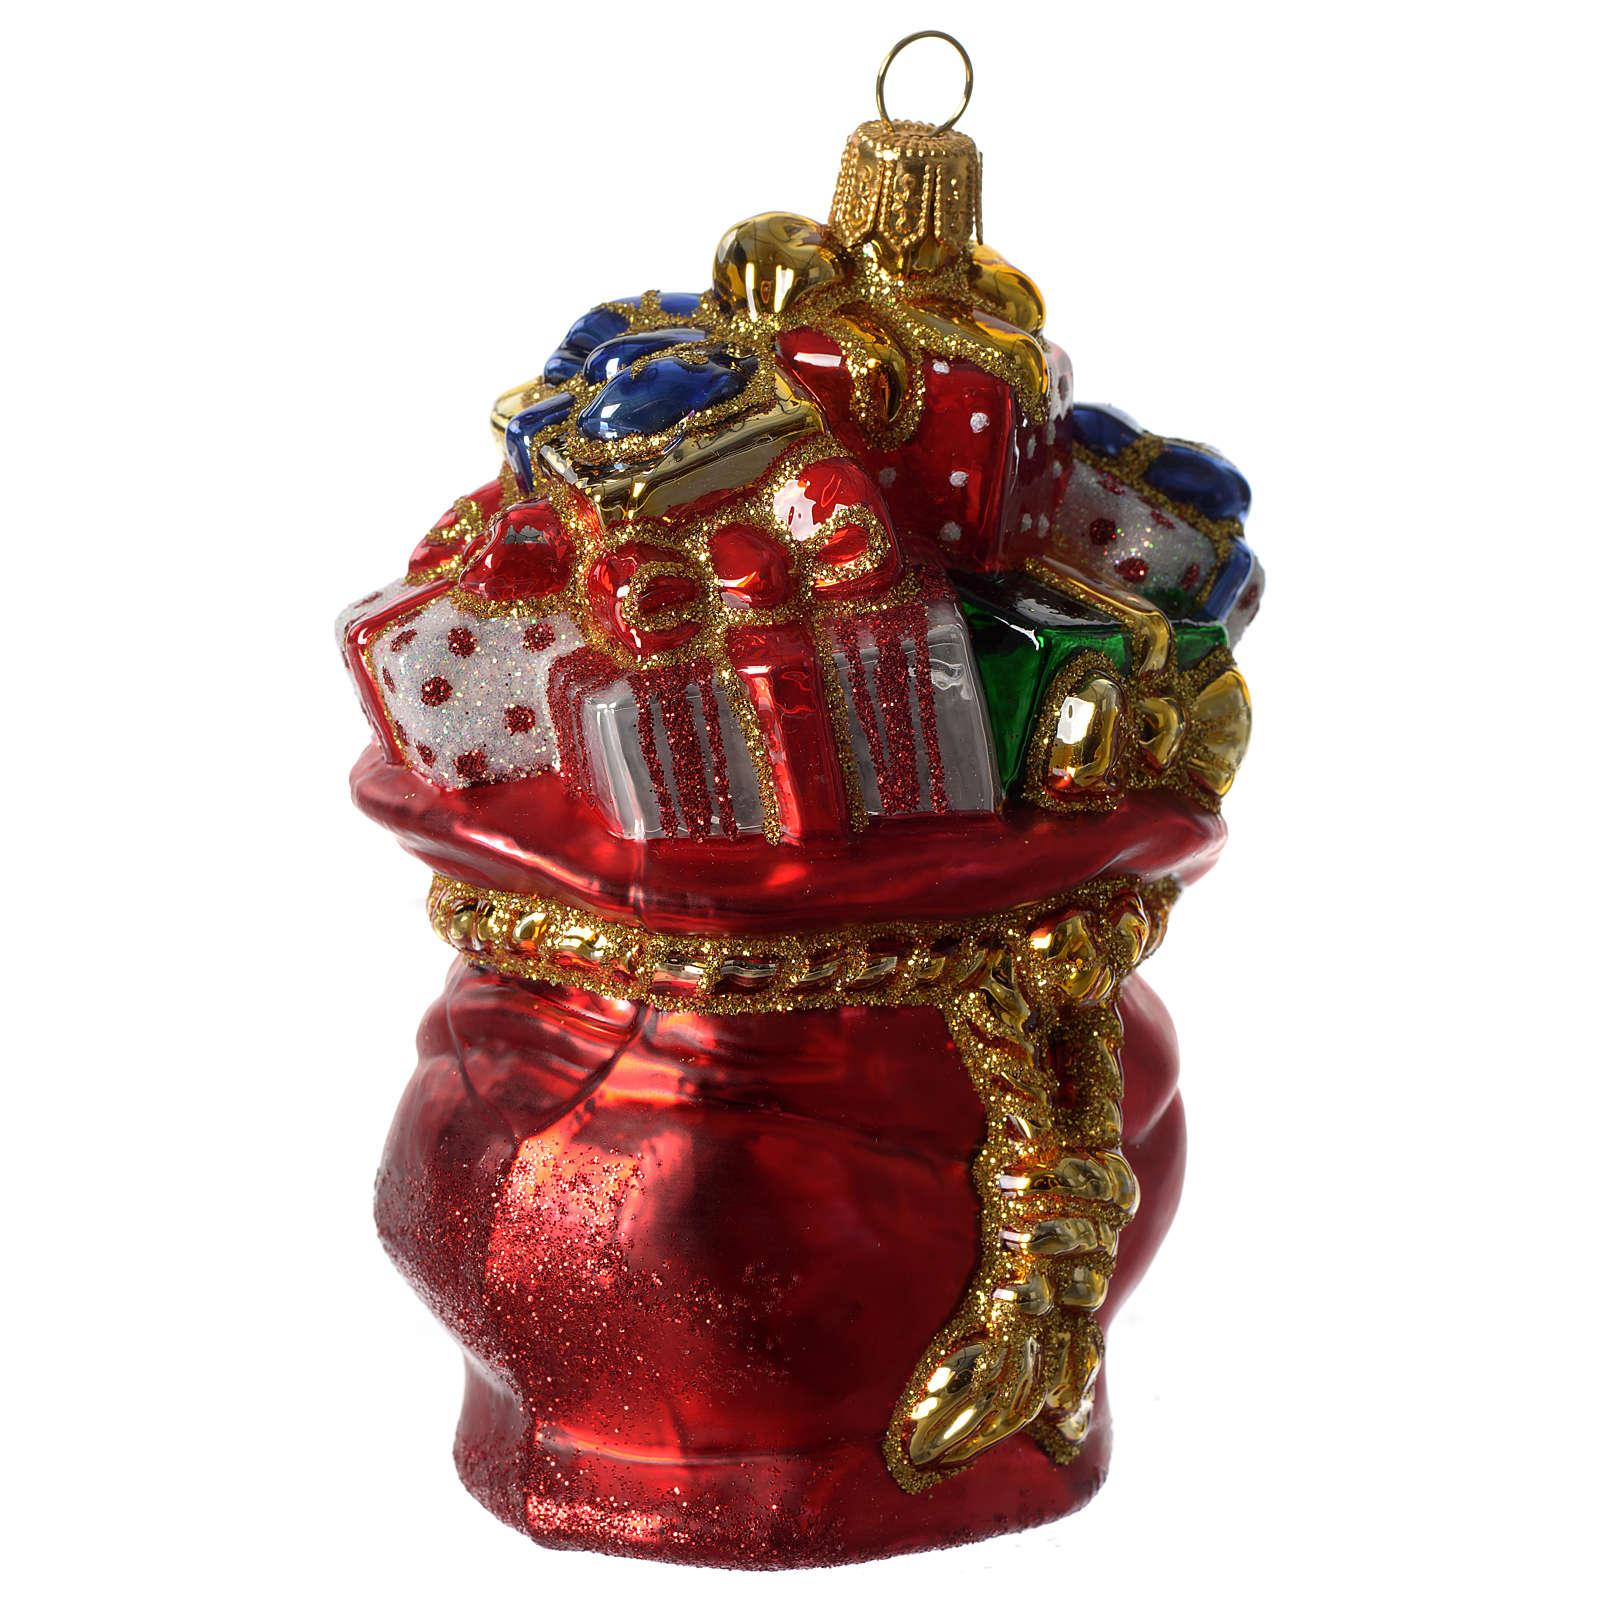 Sacco di Babbo Natale addobbo vetro soffiato Albero Natale 4